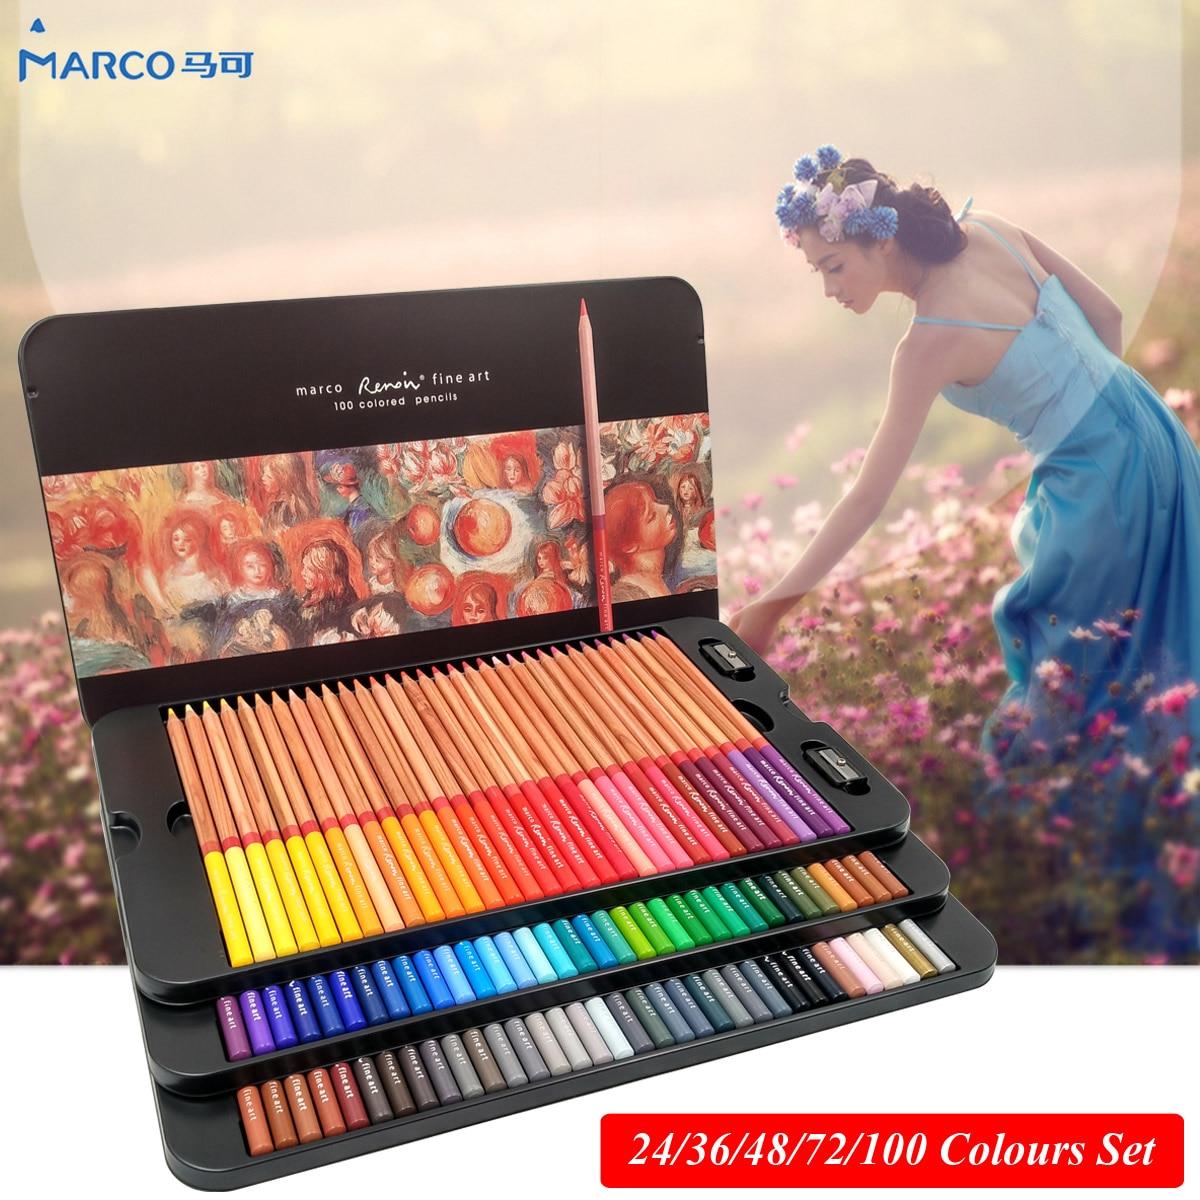 Marco Renoir 24/36/48/72/100 สีของศิลปินชุดดินสอสีไพฑูรย์เดรมืออาชีพวาดดินสอสีสำหรับการวาดภาพ